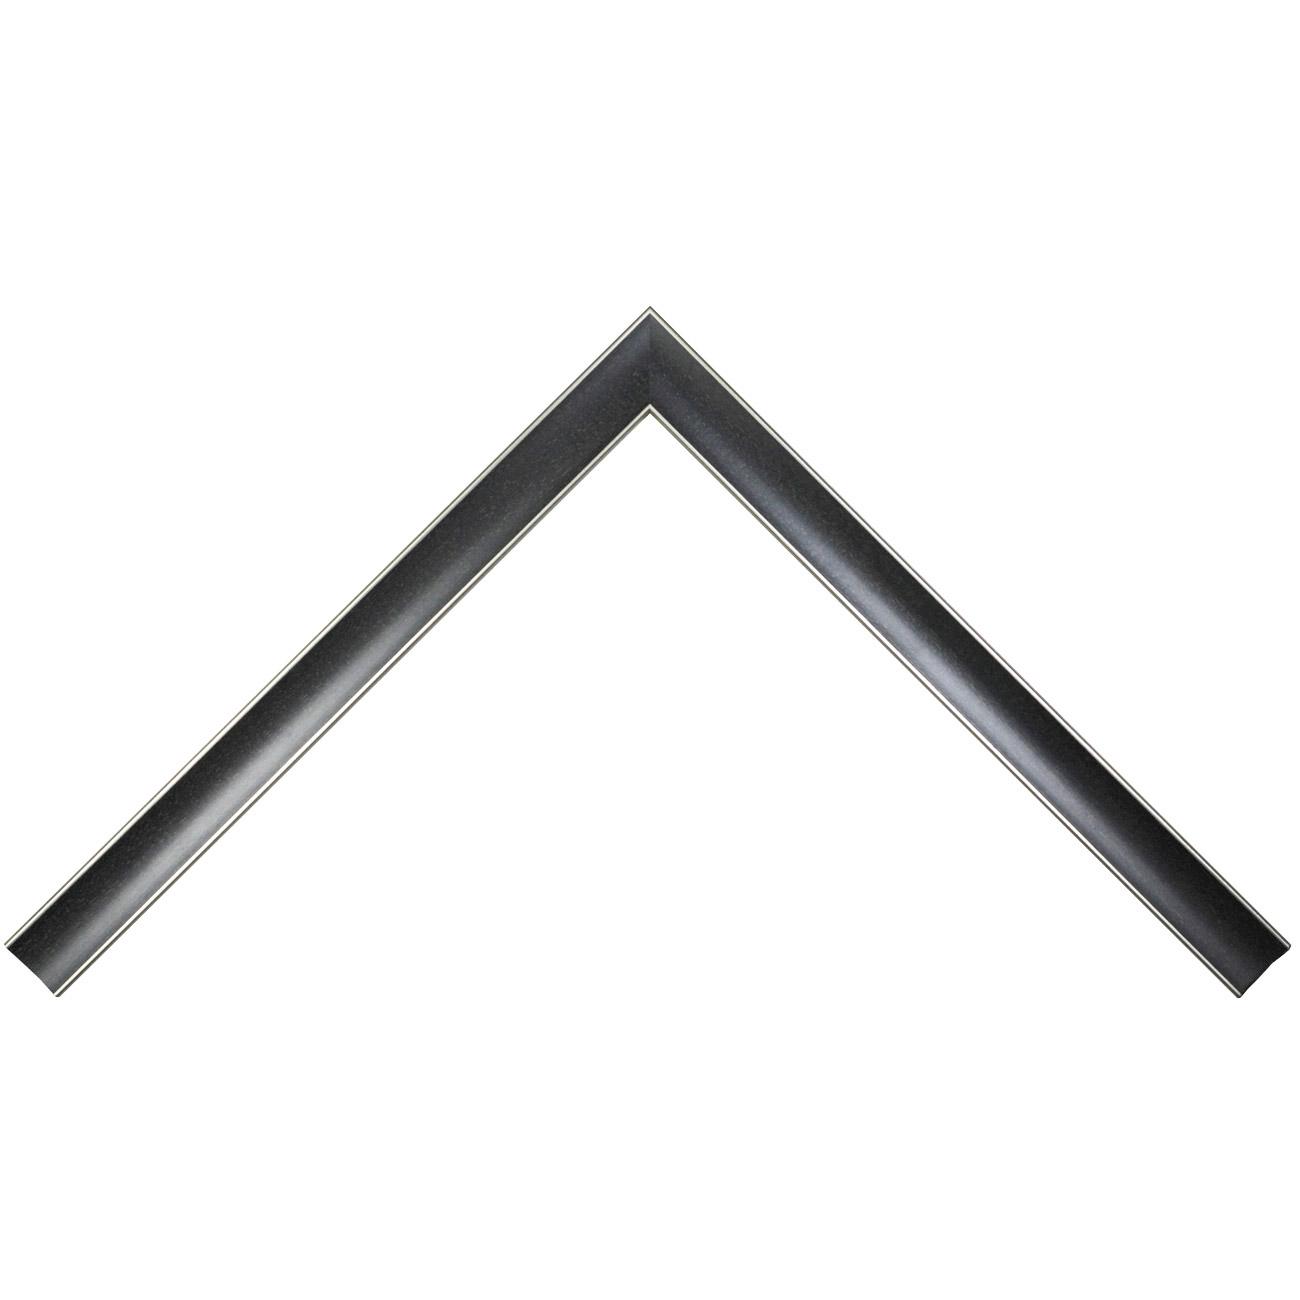 Baguette bois profil concave largeur 2.9cm couleur noir anthracite satiné filet argent de chaque coté